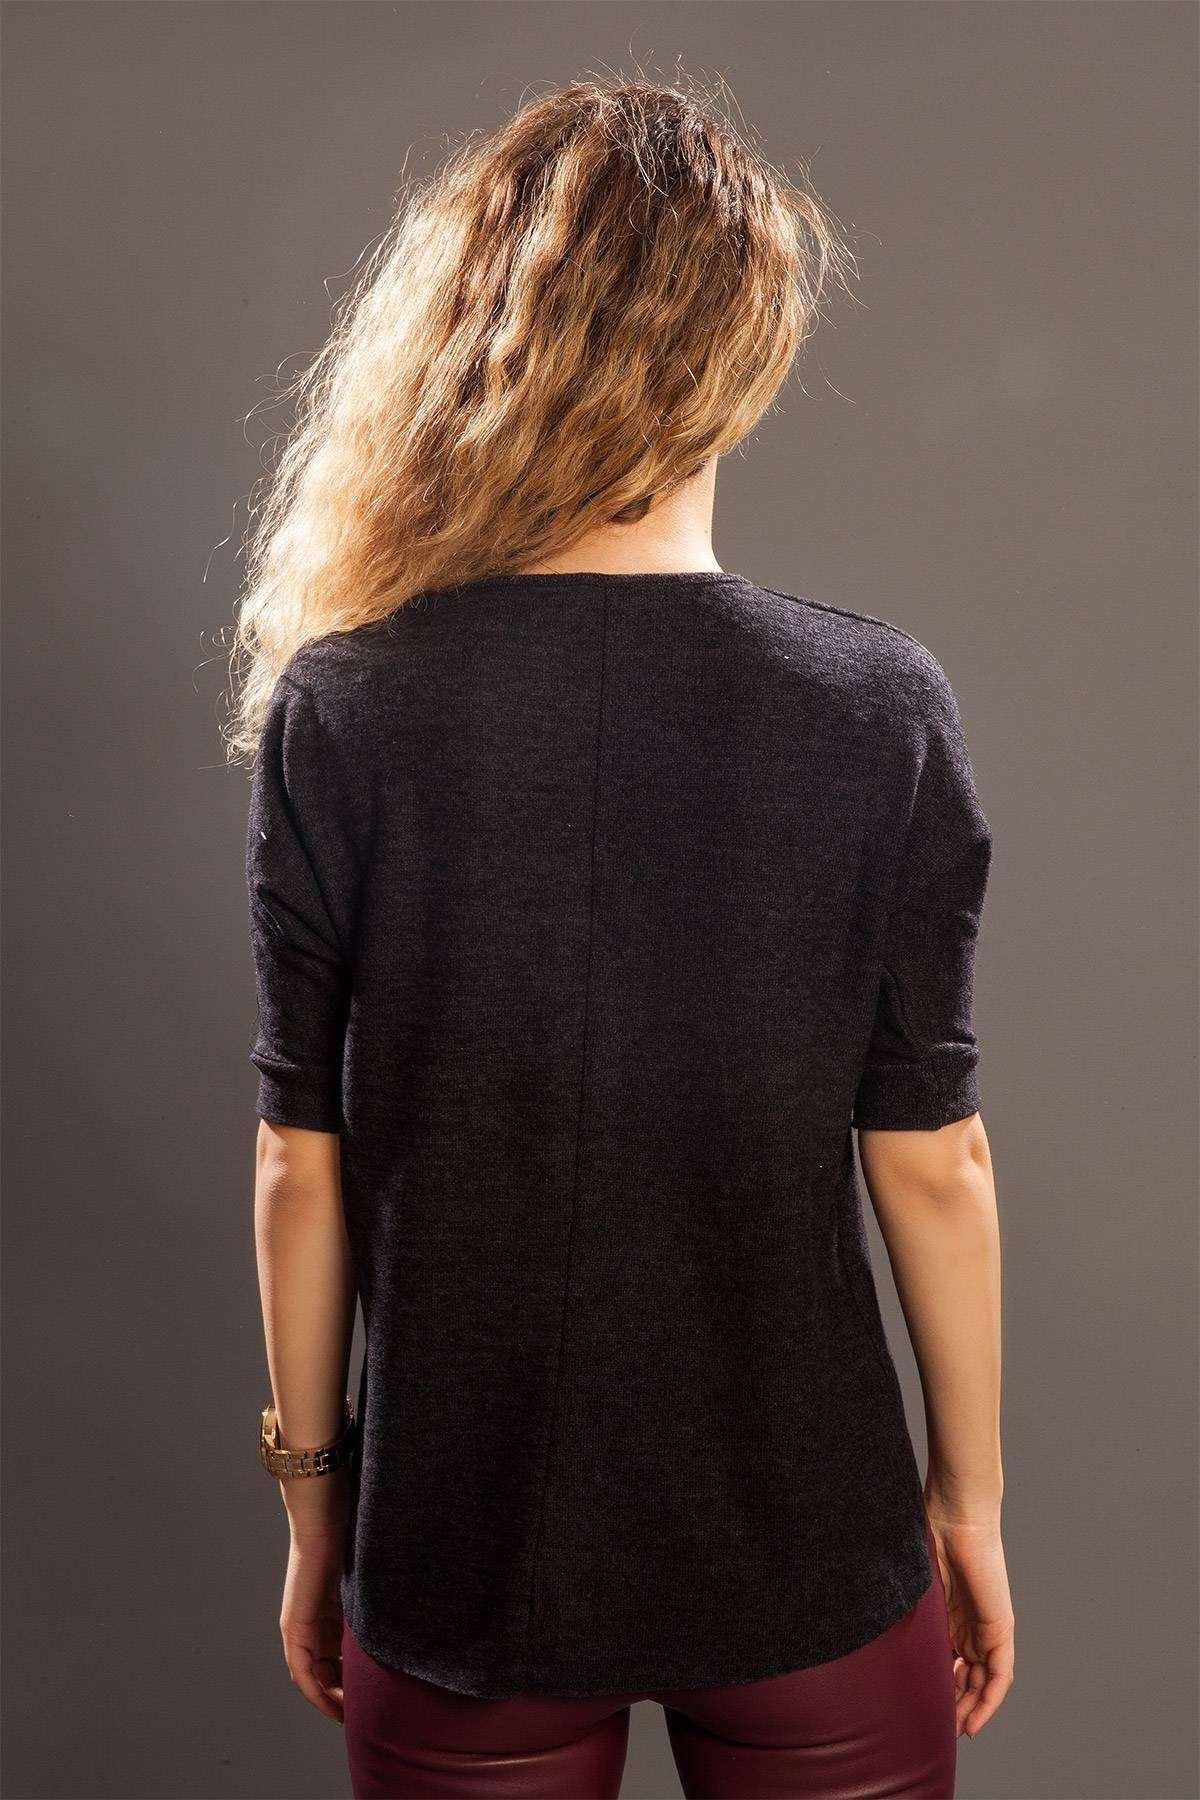 Önü Kısa Arkası Uzun Sıfır Yaka Bluz Siyah